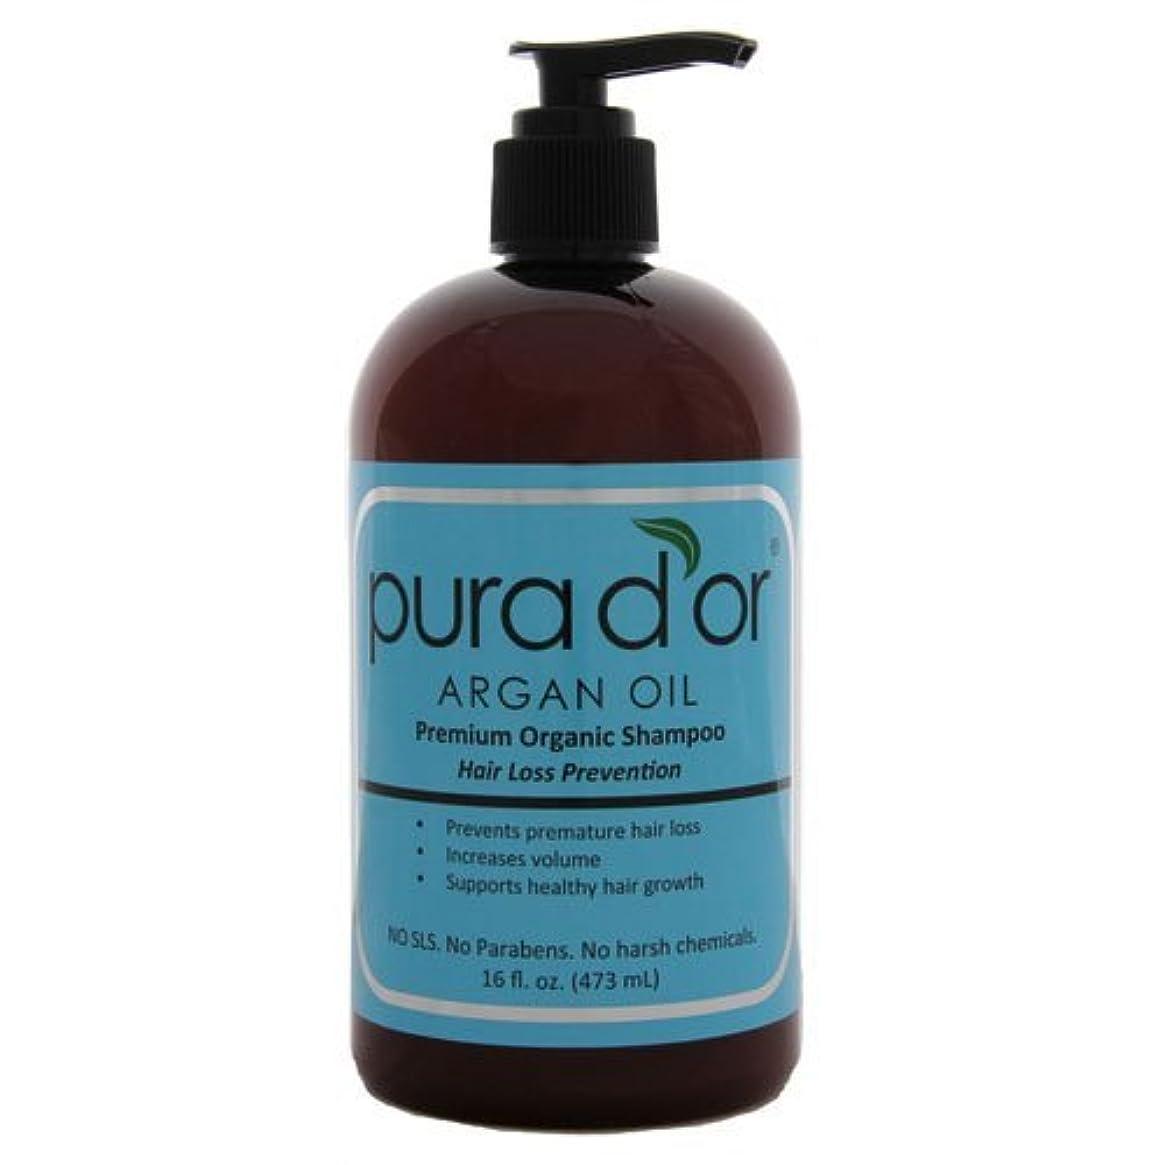 頭痛これら薬を飲む【オーガニック】 DHTブロッカー シャンプー男女兼用 470ml【並行輸入品】 Pura d'or Hair Loss Prevention Premium Organic Shampoo 16oz